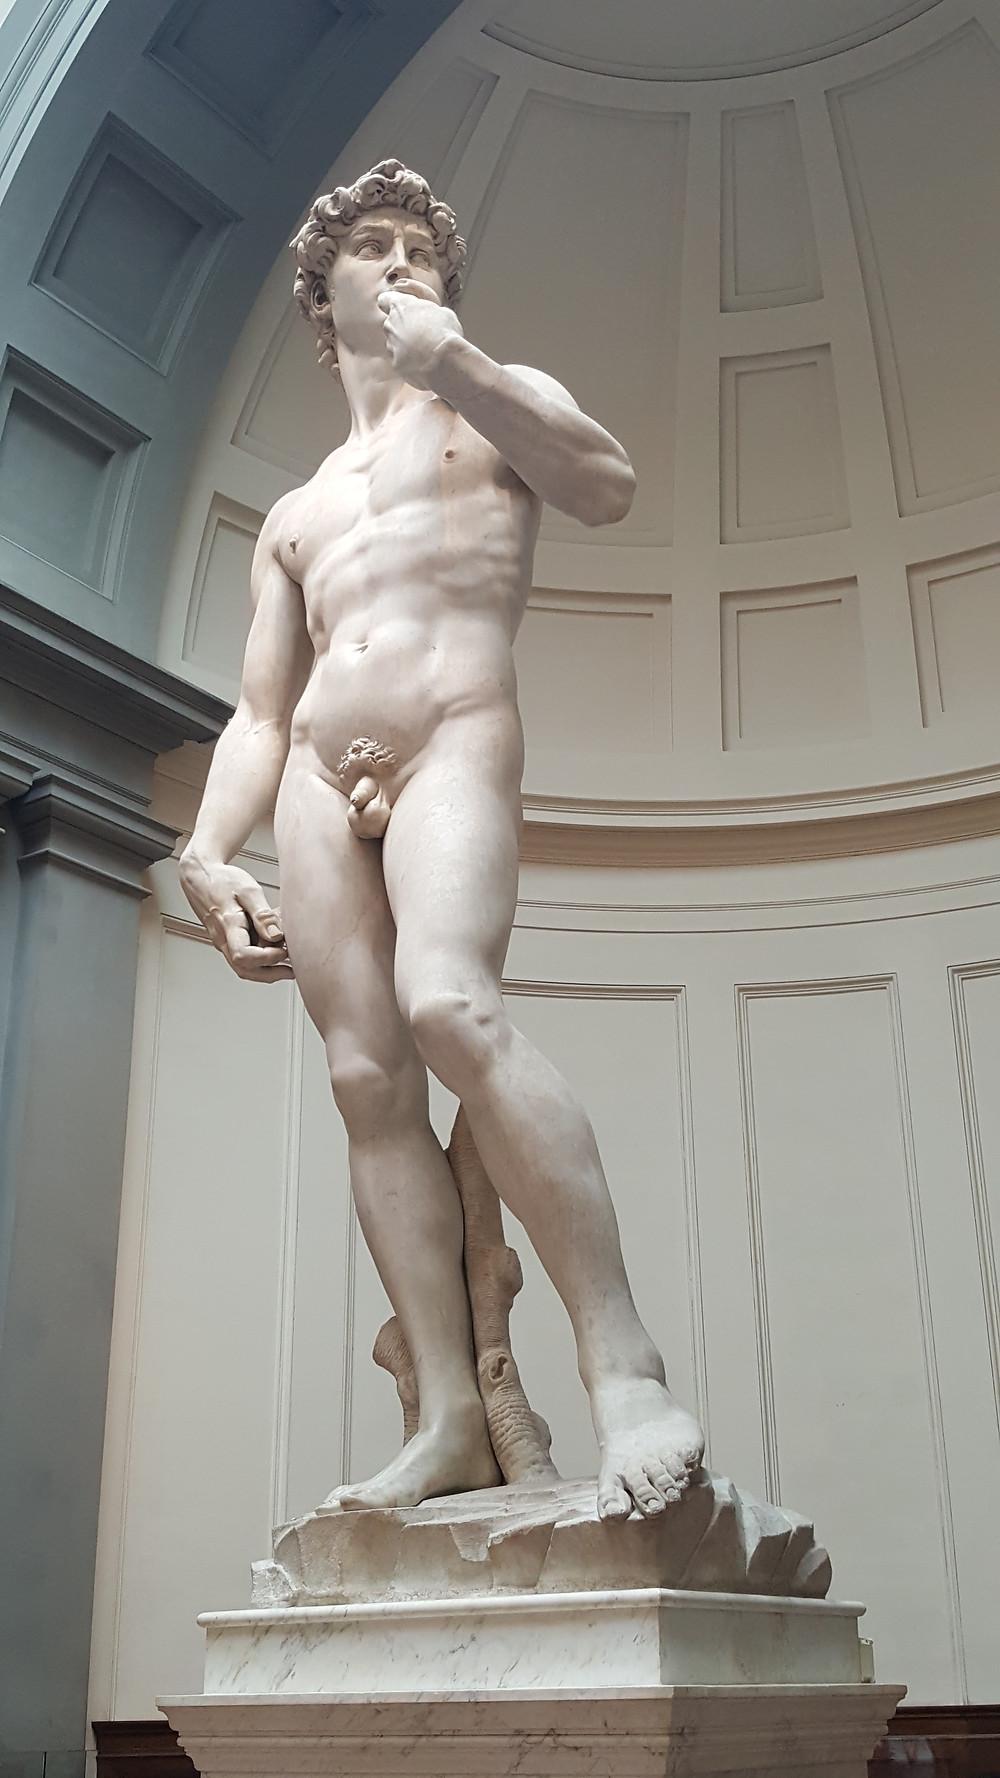 Оригинал статуи Давида Микеланджело в Музее Академии